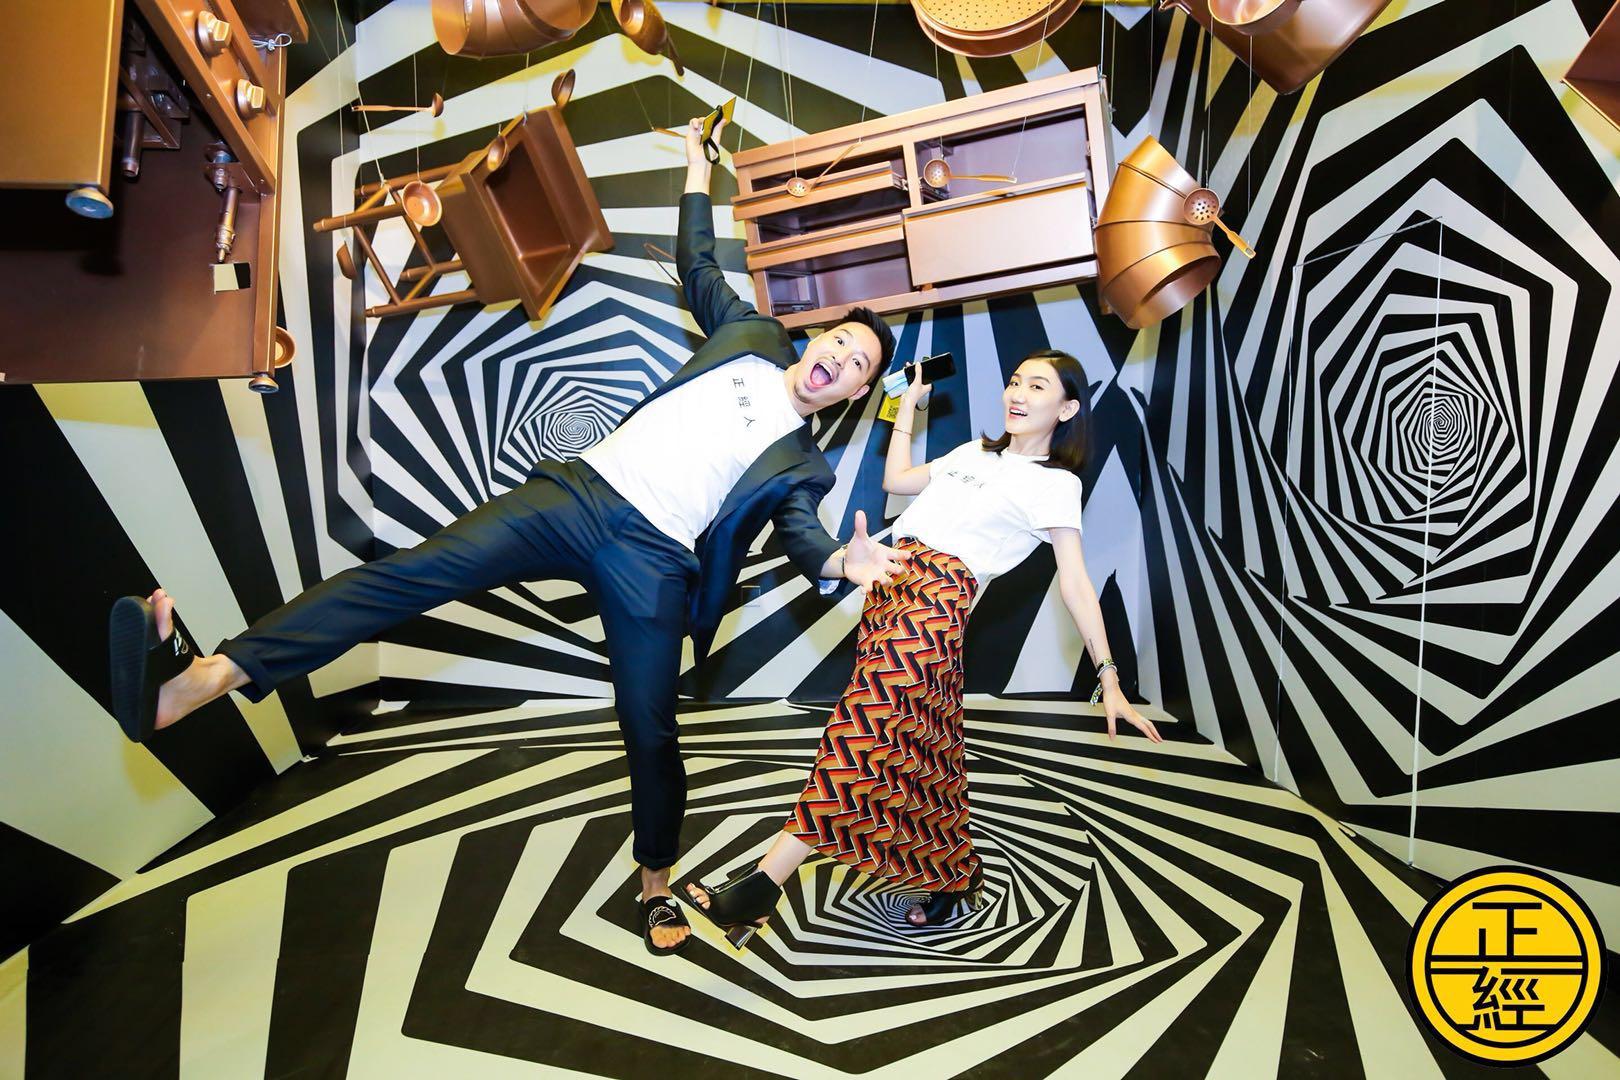 环球网时尚频道独家专访;正经饺子馆:大胆做梦,踏实做事